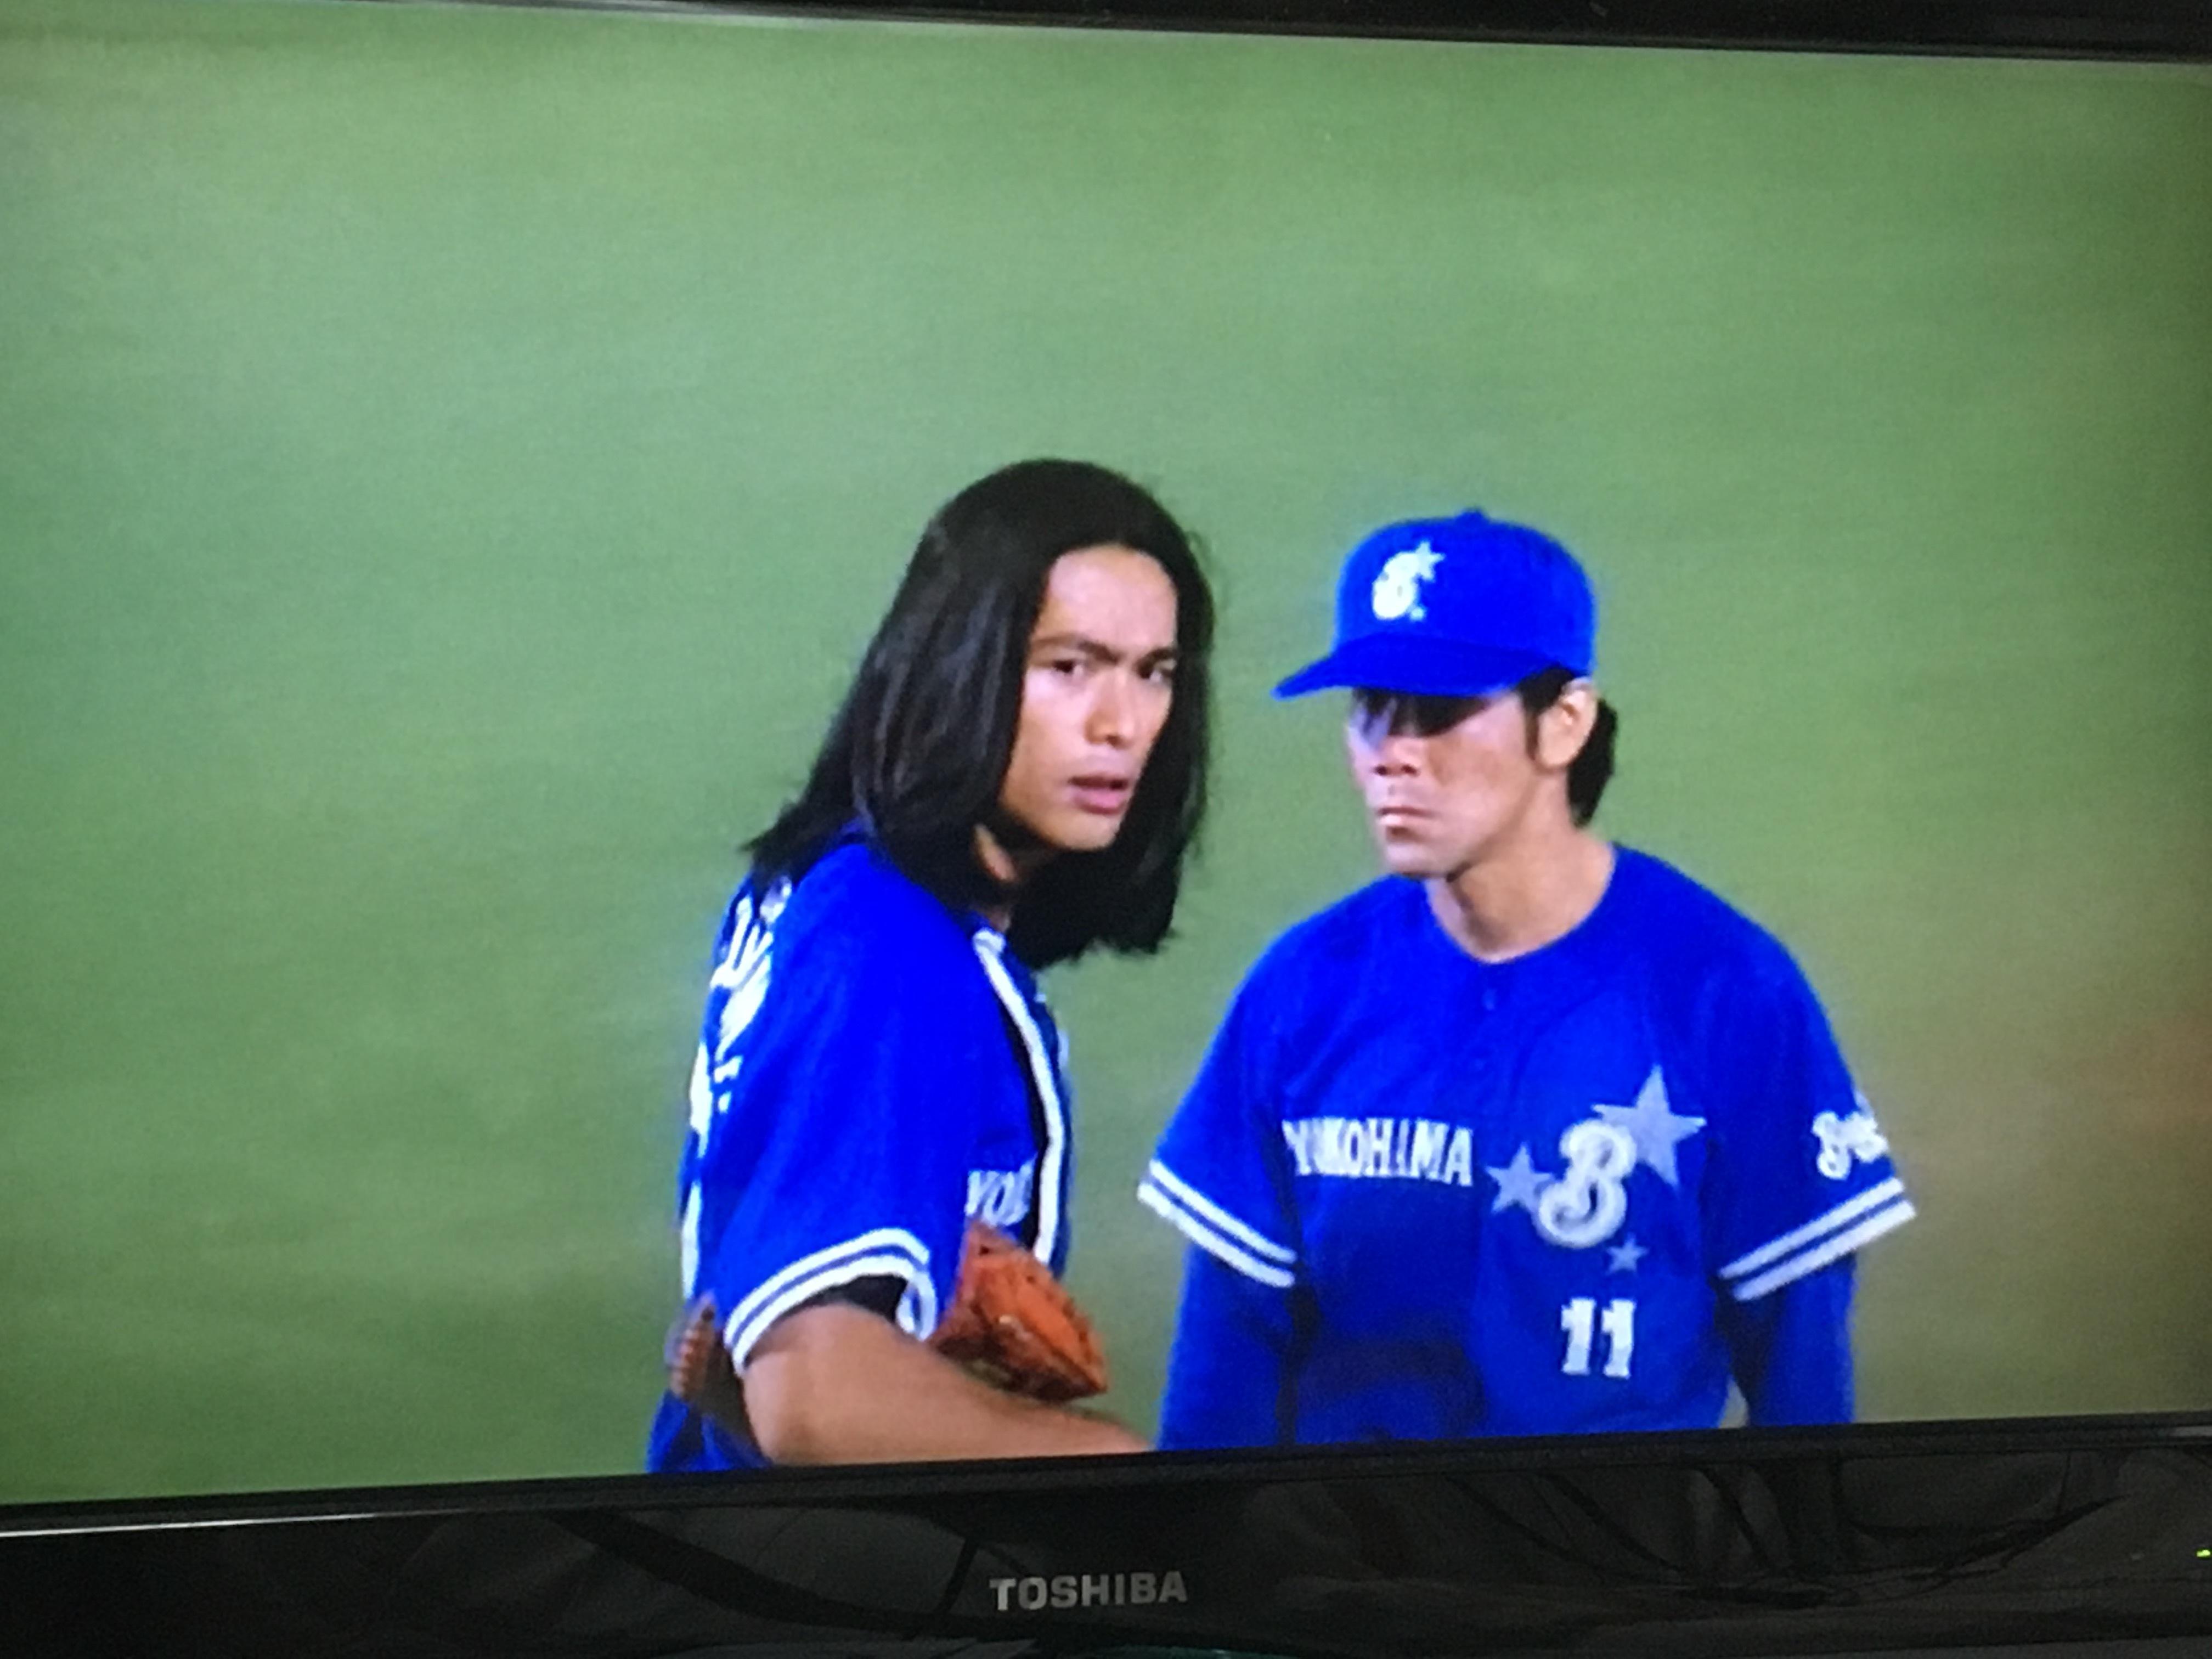 ロン毛のキャッチャー江口洋介